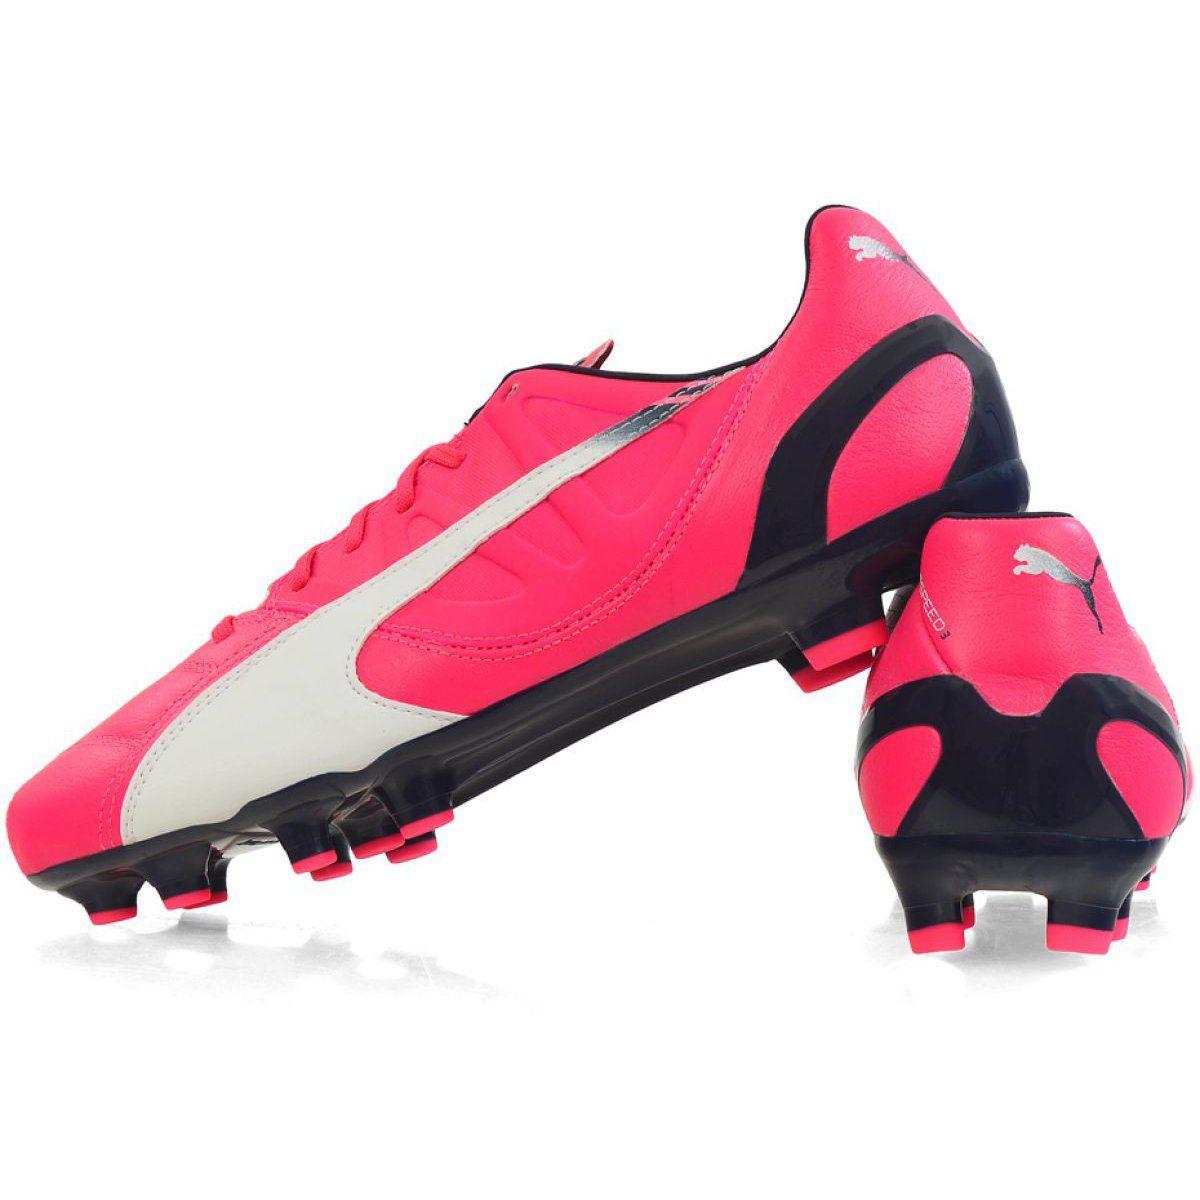 Buty Pilkarskie Puma Evo Speed 3 3 Fg M 103014 03 Rozowe Rozowe Air Max Sneakers Nike Air Max Sneakers Nike